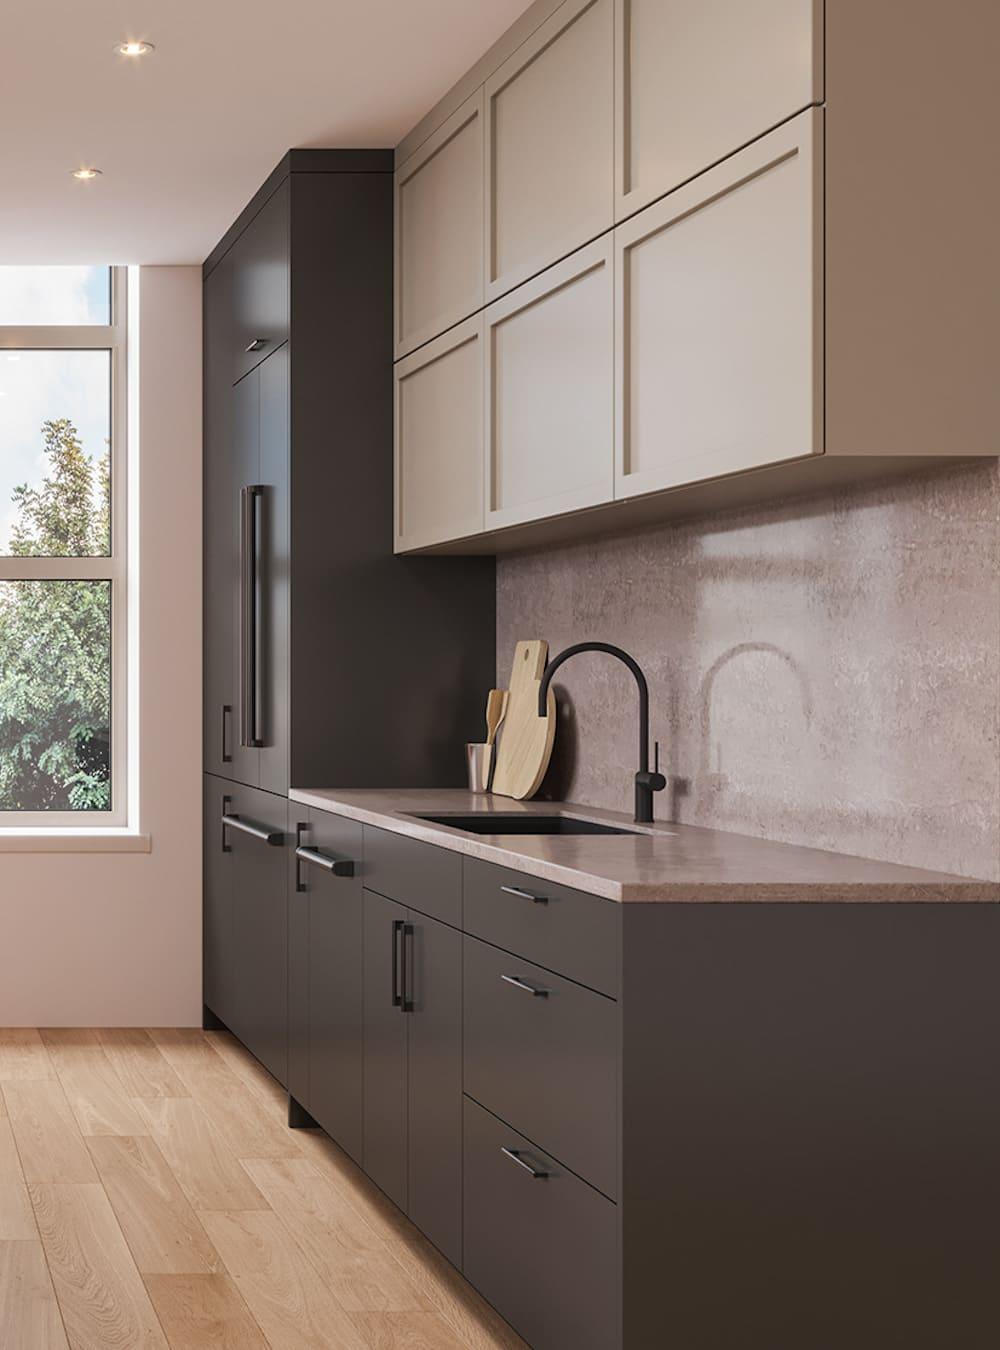 дизайн кухни в современном стиле фото 93